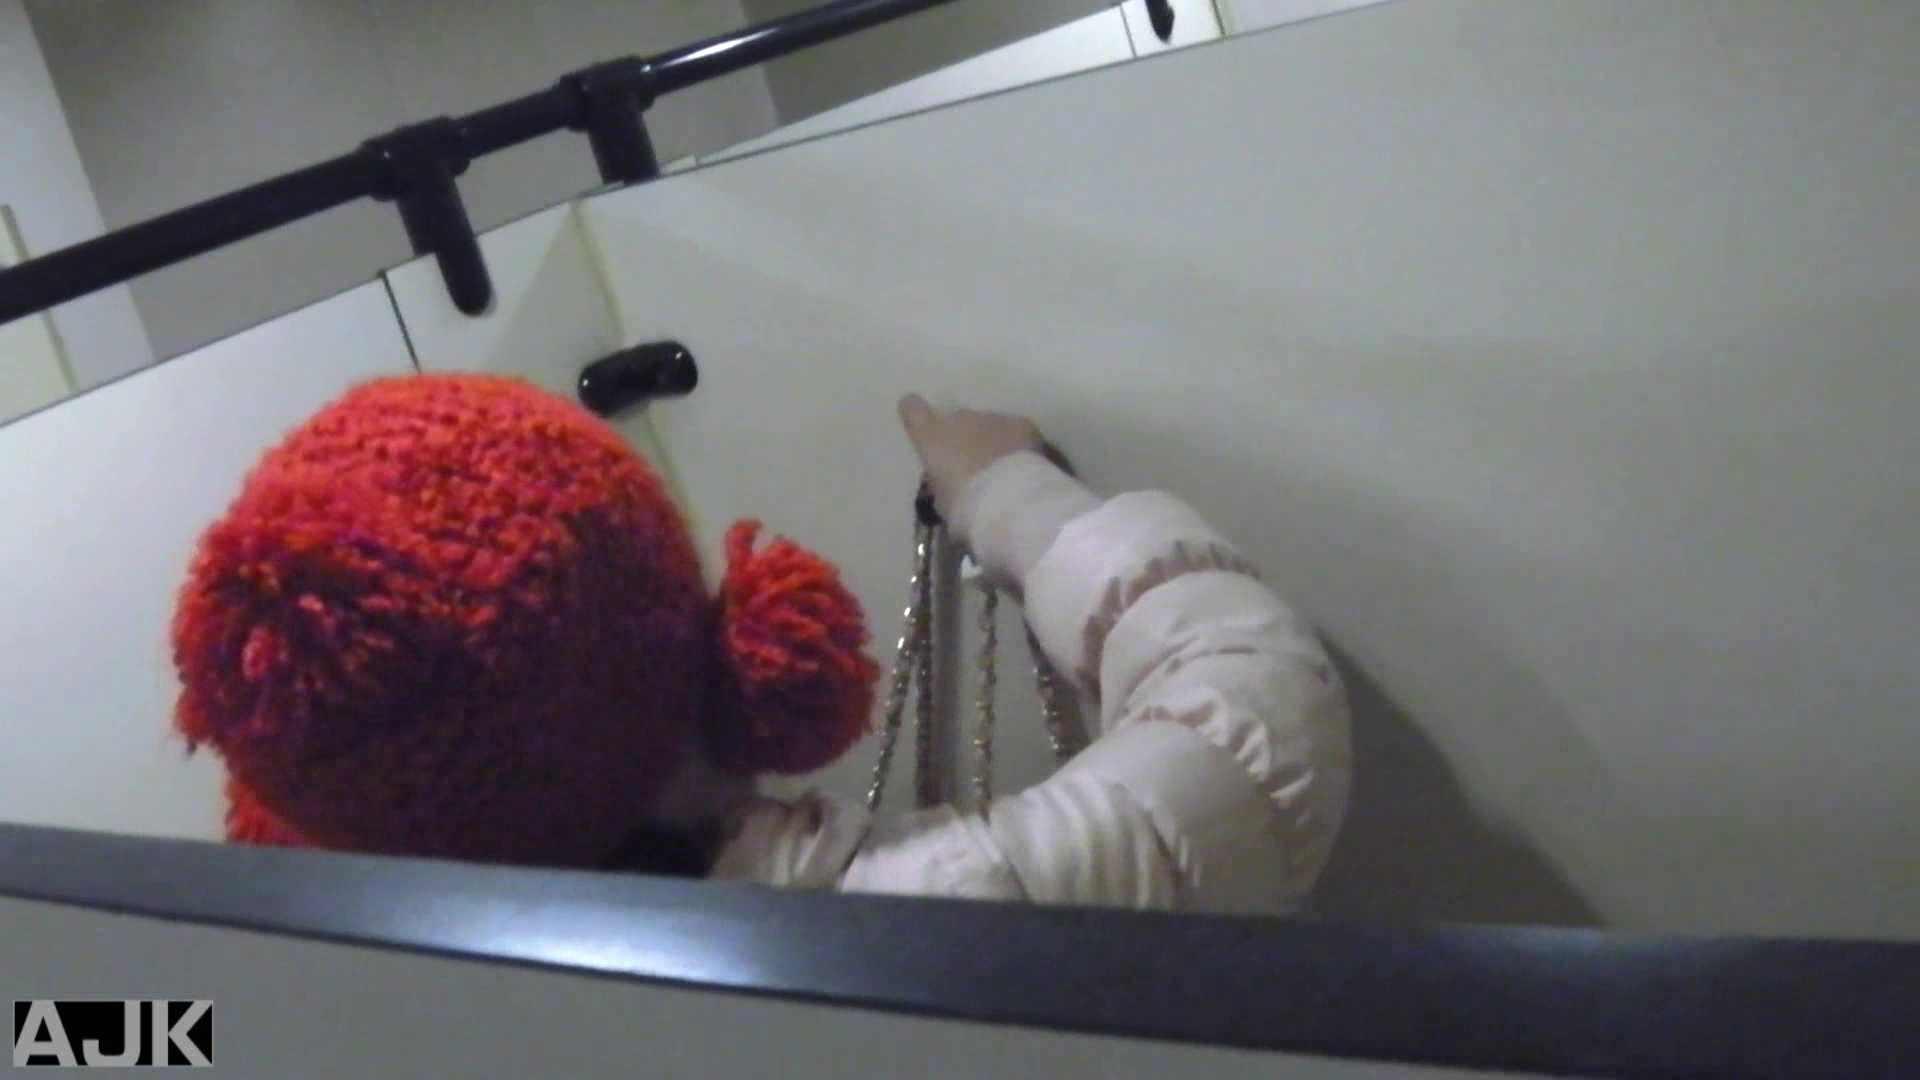 隣国上階級エリアの令嬢たちが集うデパートお手洗い Vol.28 盗撮編 われめAV動画紹介 103枚 102